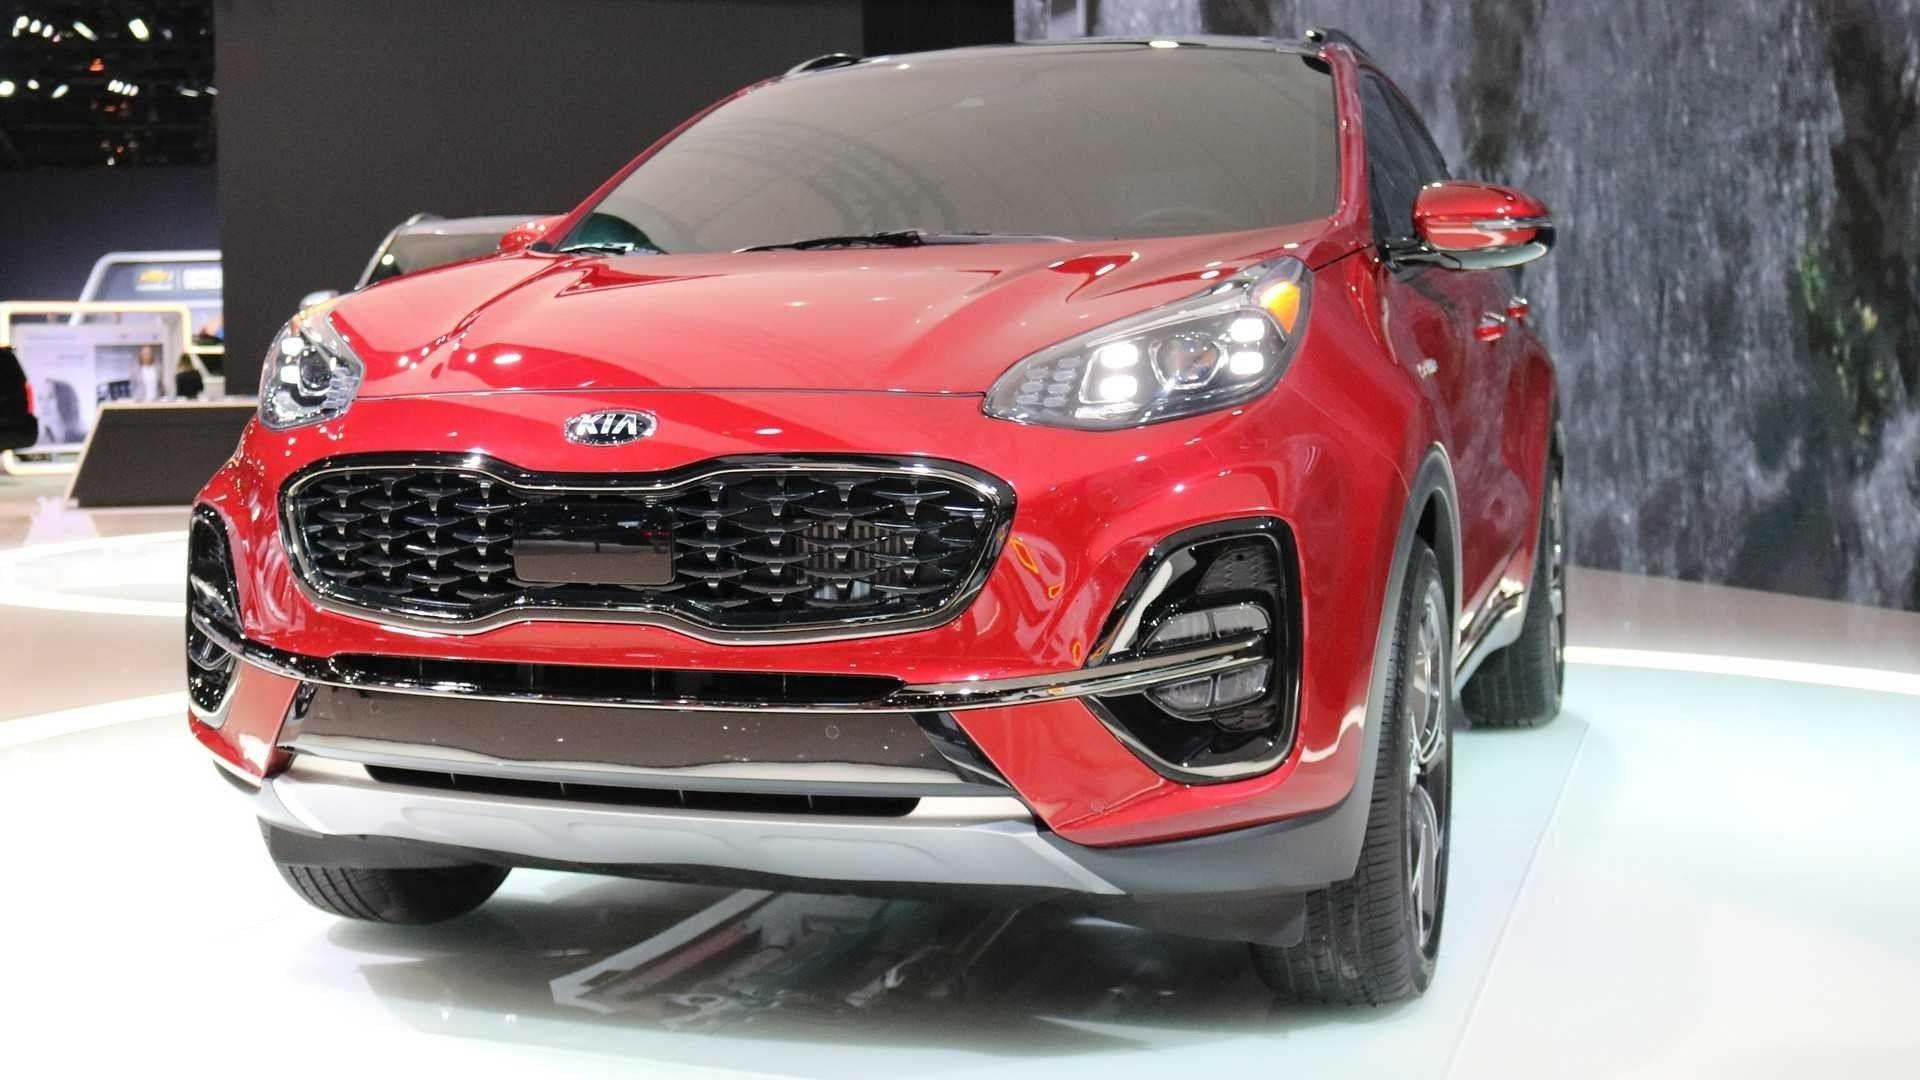 2020 Kia Vehicles Spy Shoot With Images Kia Sportage Kia Sportage